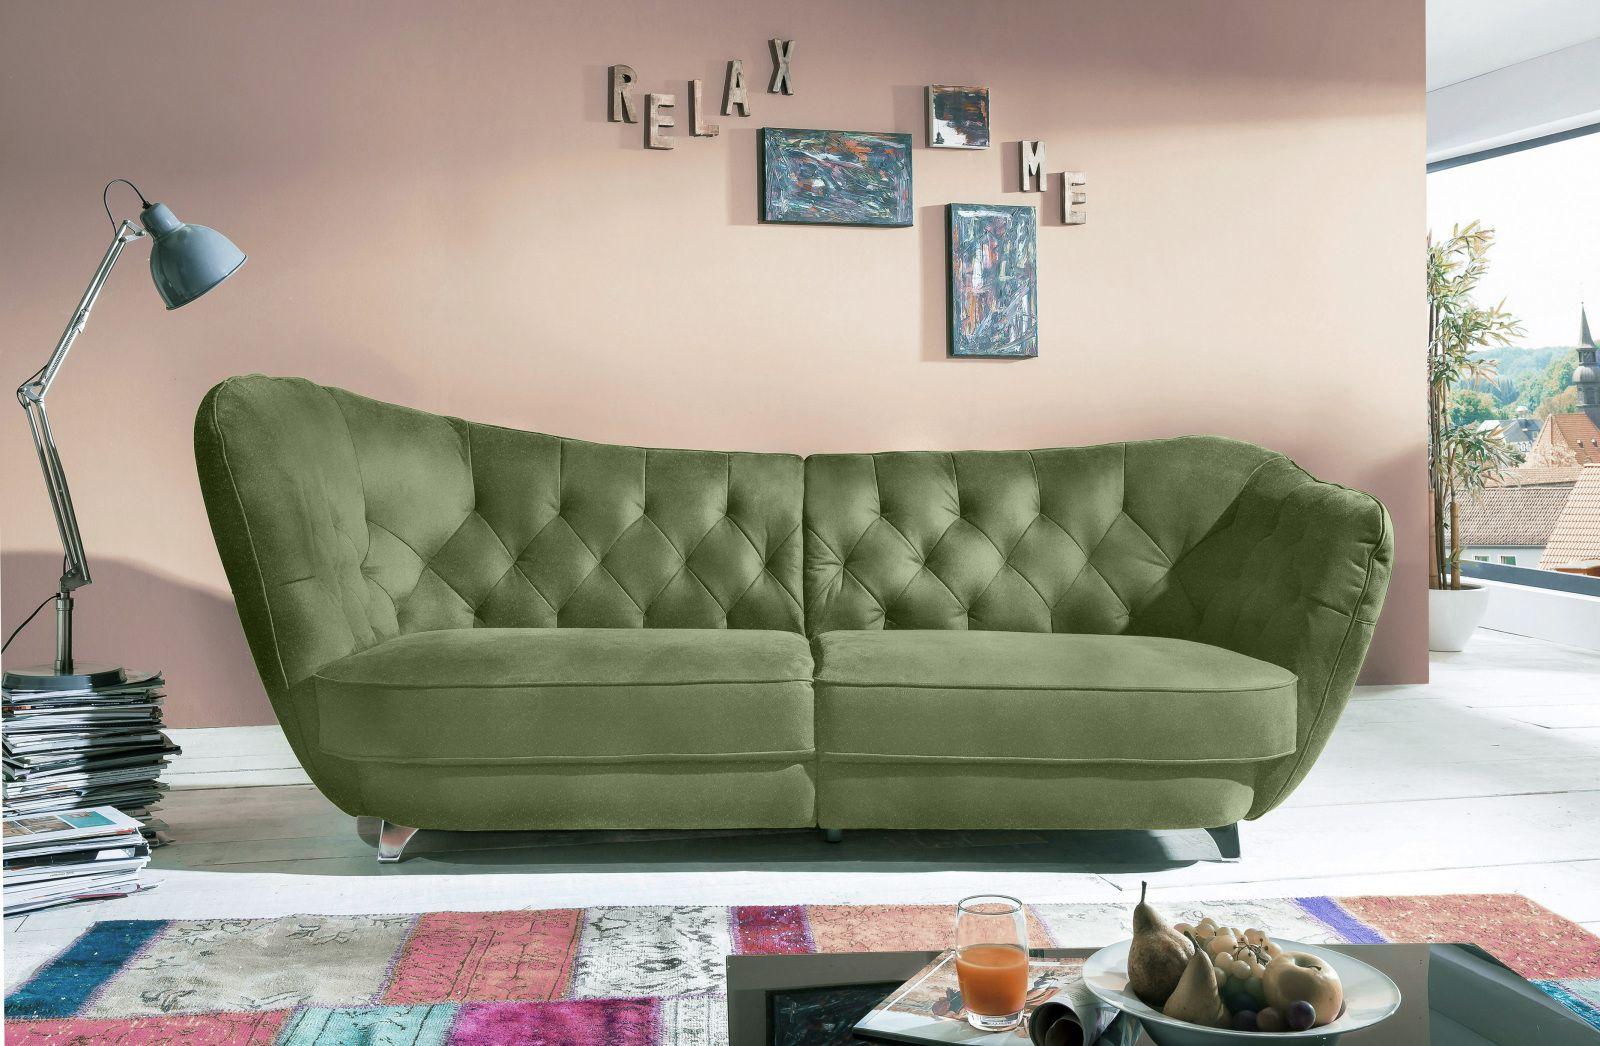 Schau Mal Was Ich Bei Roller Gefunden Habe Big Sofa Olive Retro Links In 2020 Wohnzimmermobel Modern Grosse Sofas Und Sofas